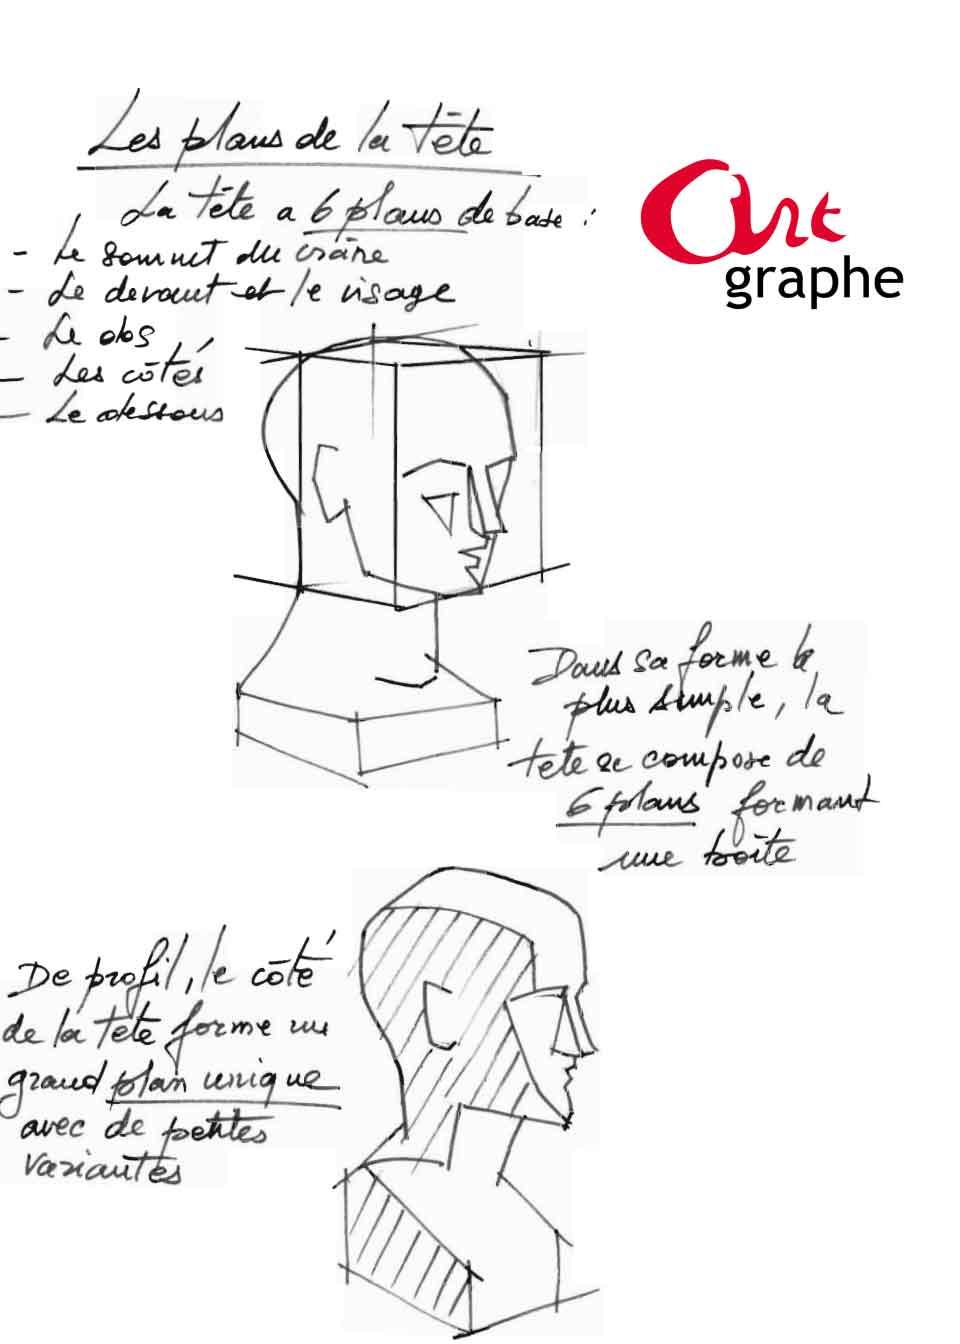 Apprendre à dessiner les volumes d'une tête